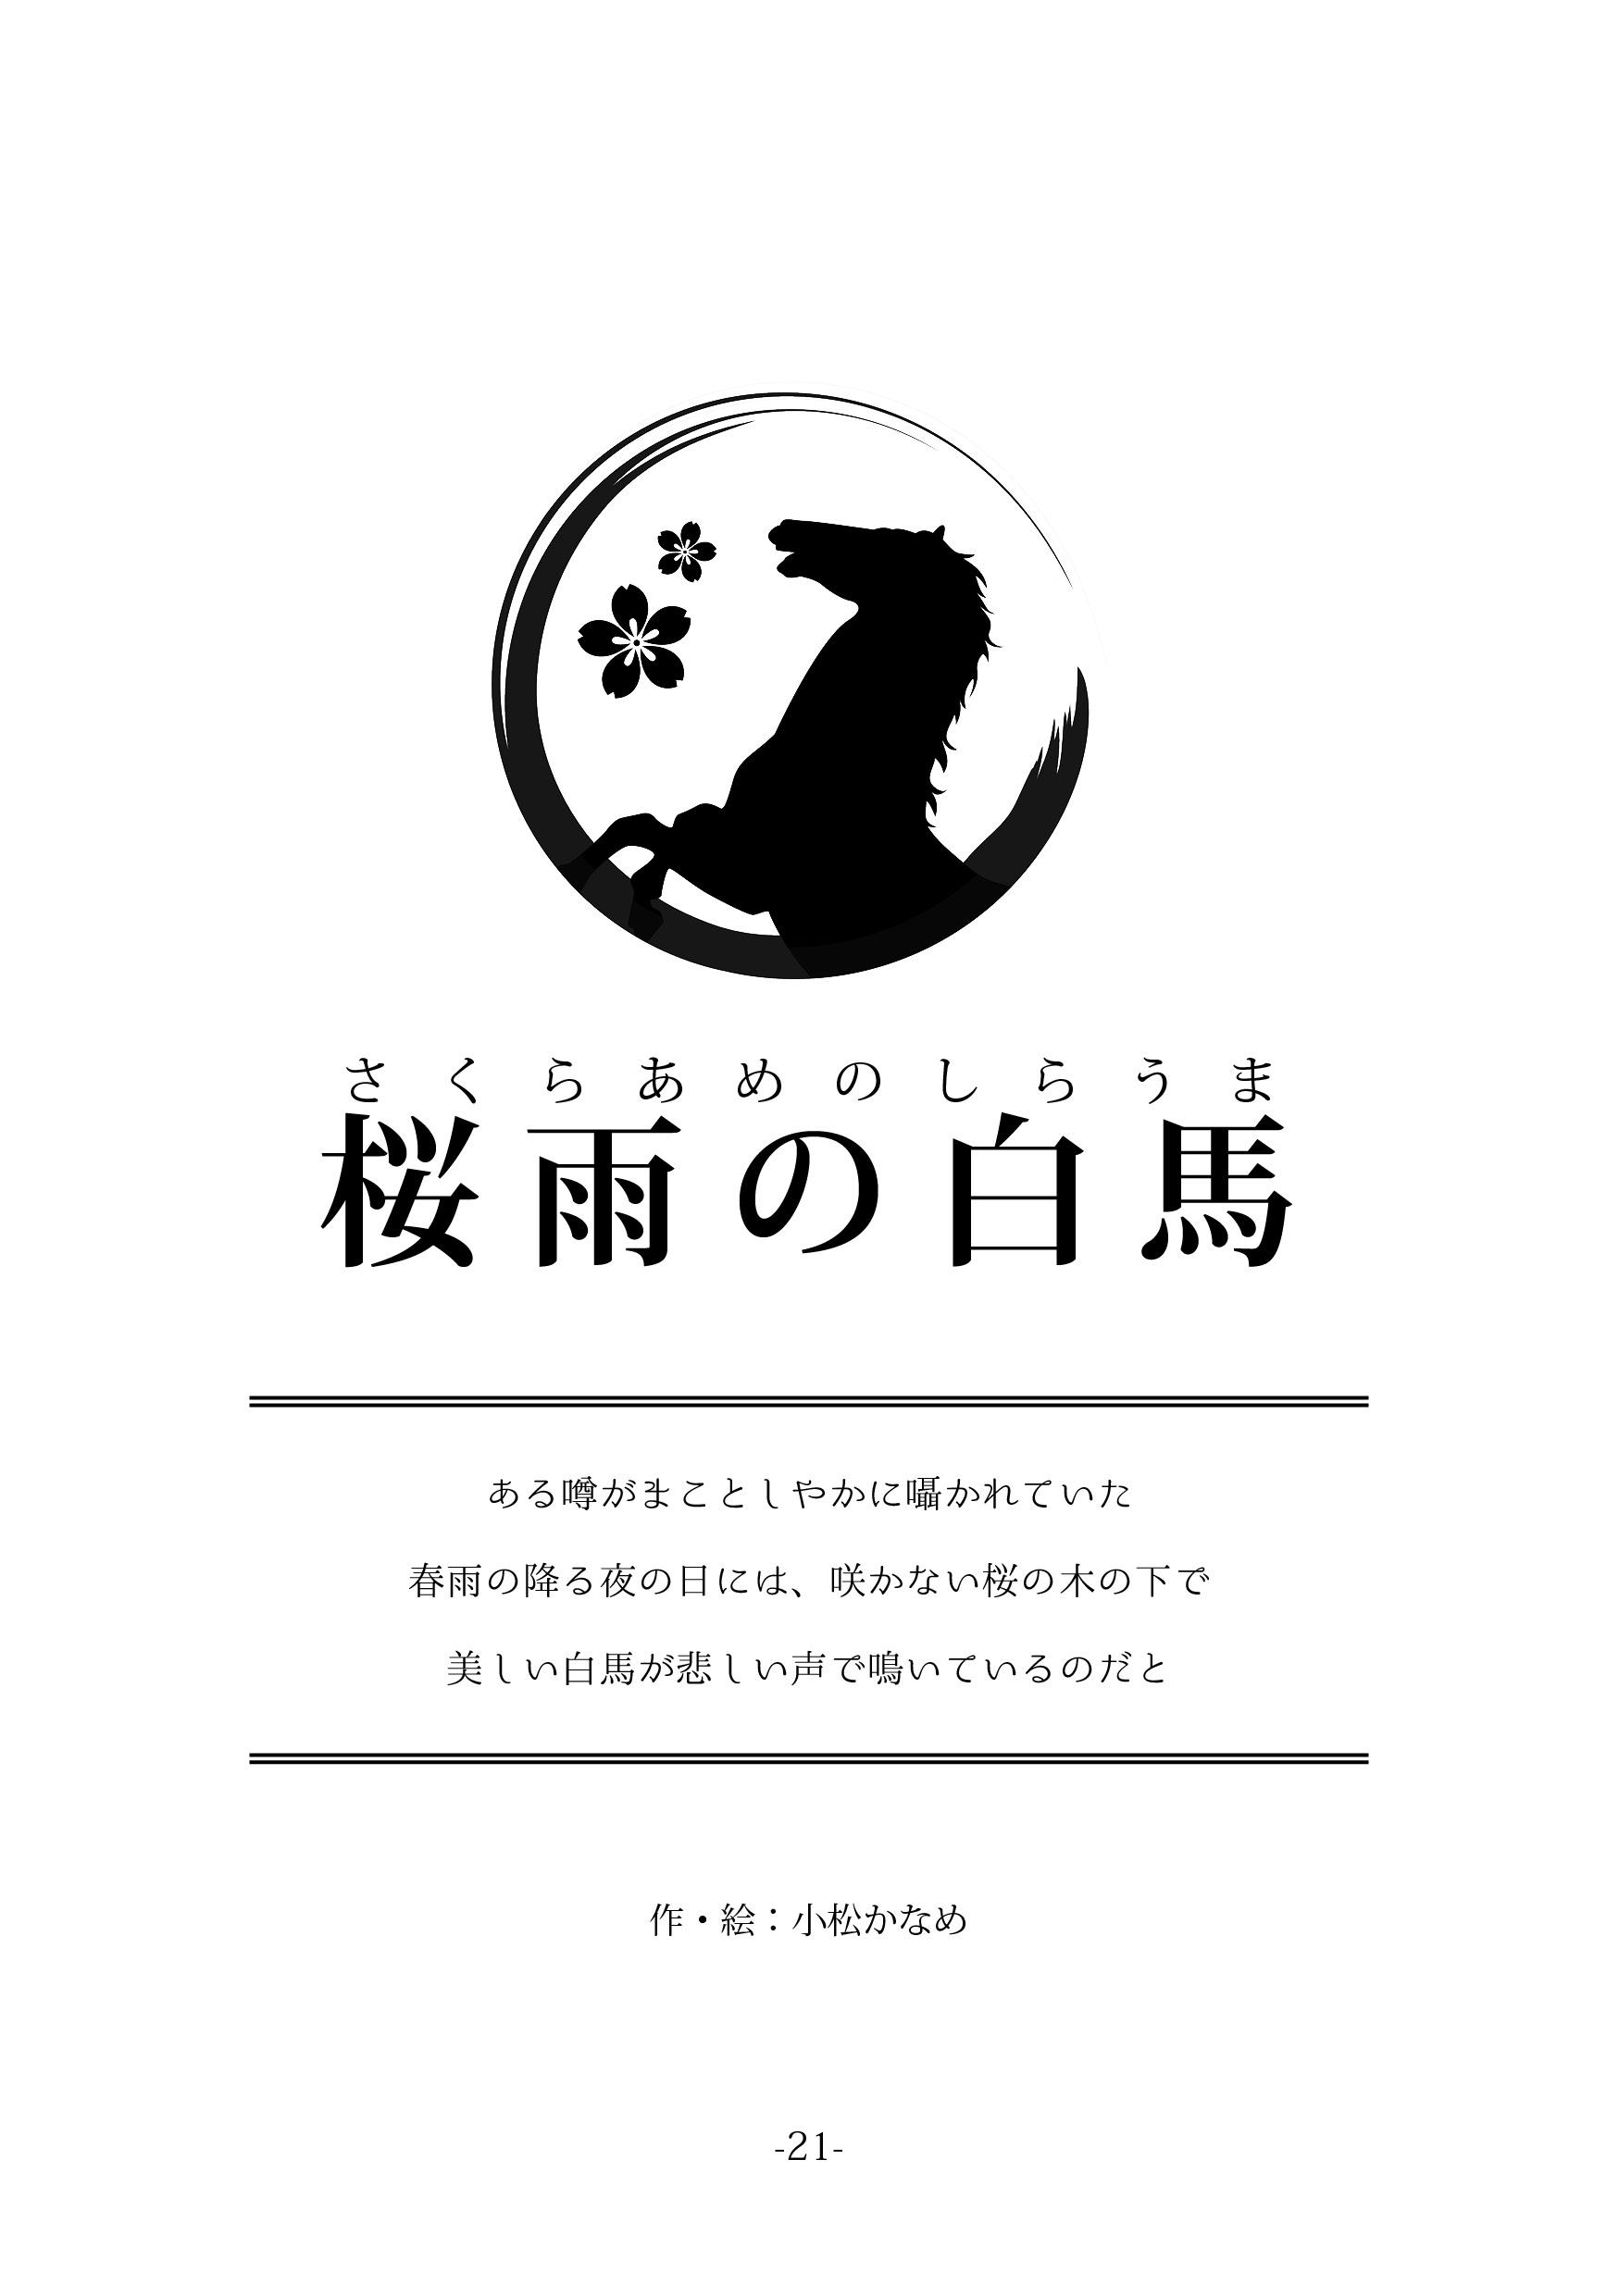 四季-入稿用0421